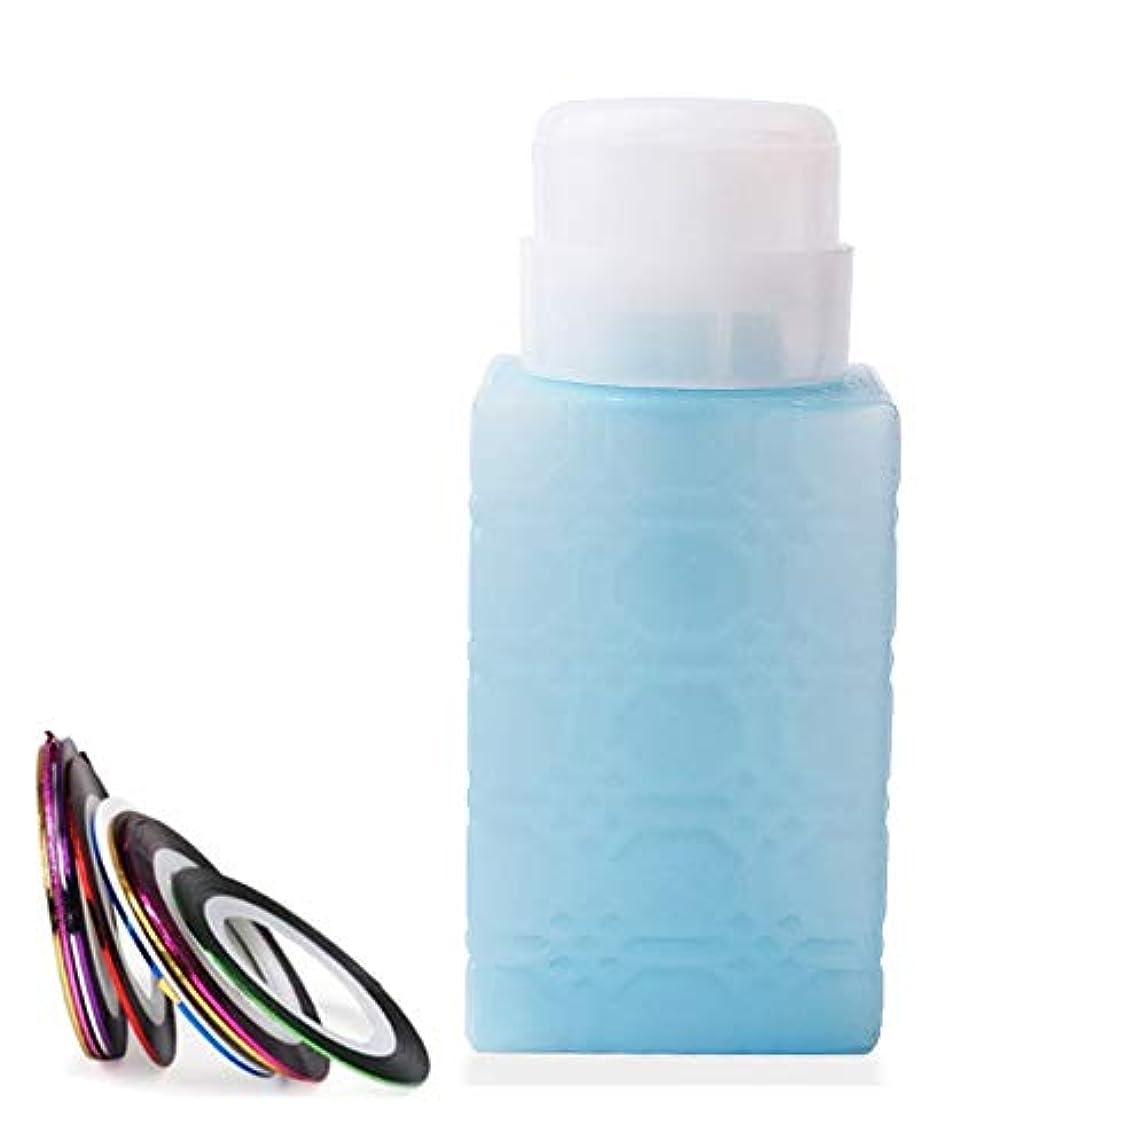 在庫スタック補充空ポンプボトル ポンプディスペンサー ネイルワイプ瓶 ジュルクリーナー ジュルリムーバー 可愛い (ブルー)